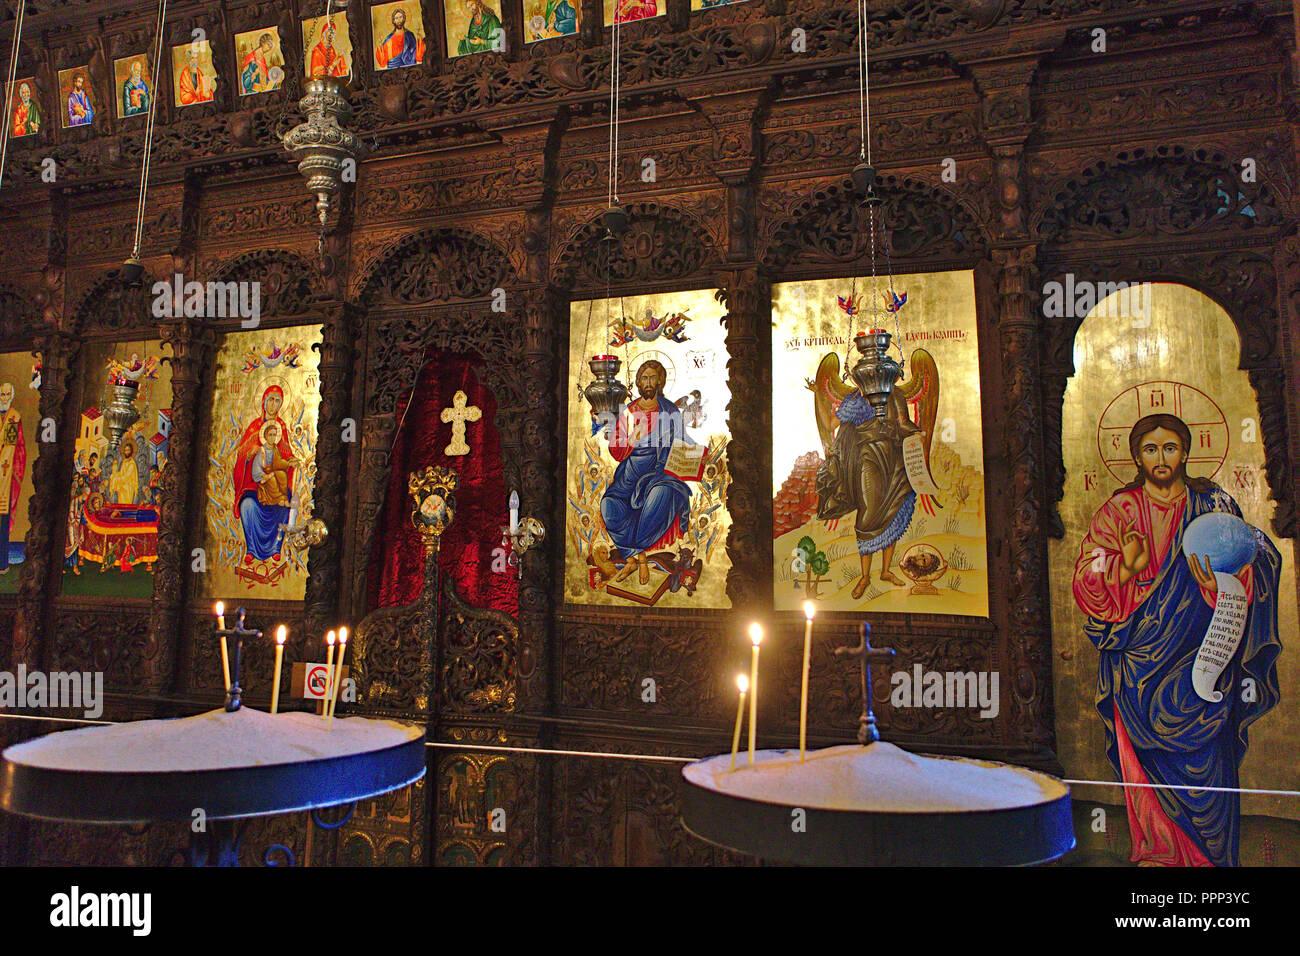 Vista ricca di dipinti e incisioni in legno all interno della chiesa Immagini Stock